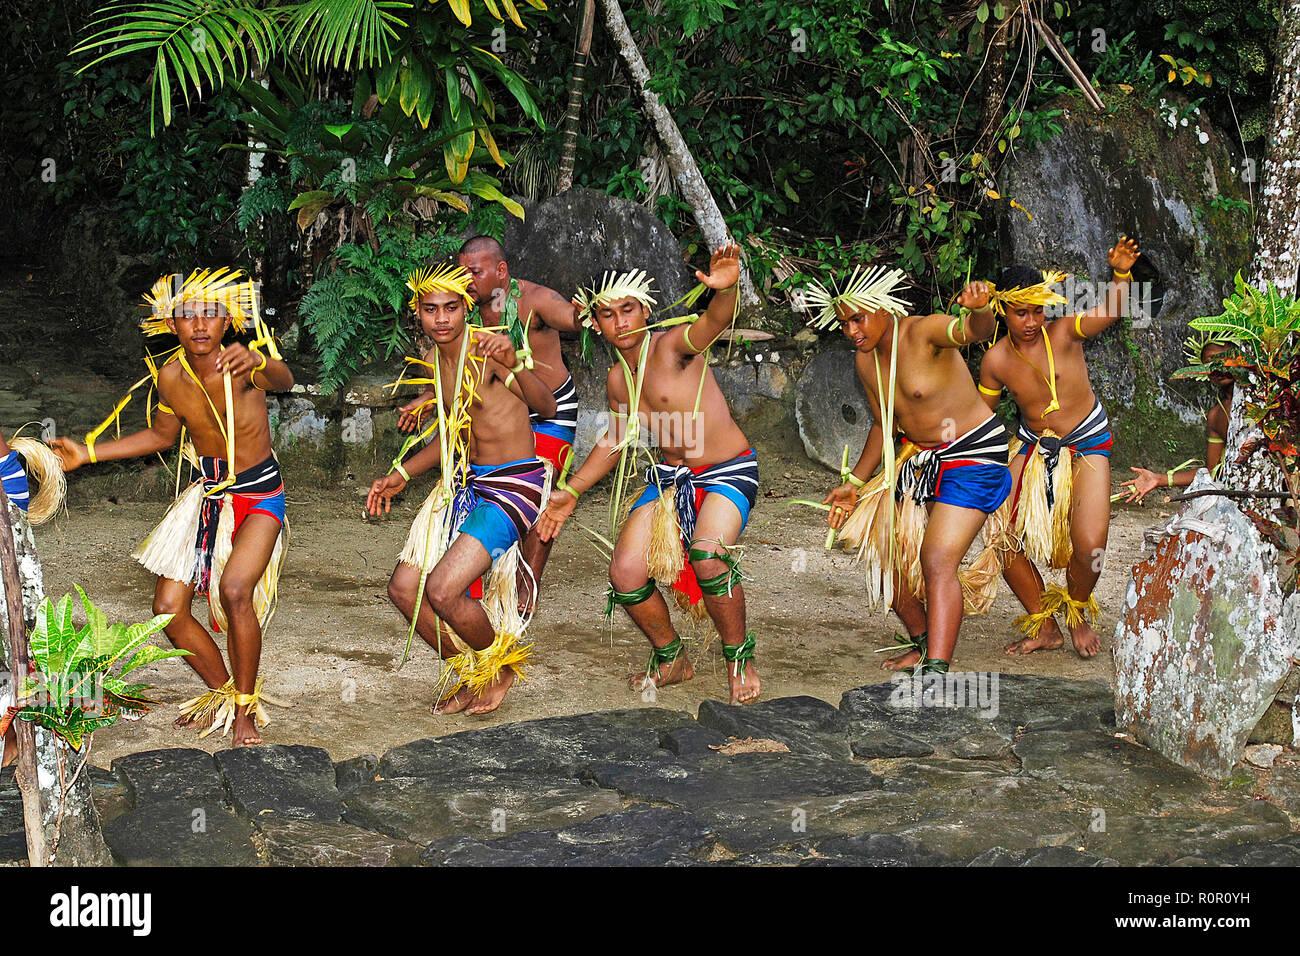 Einheimische Männer beim traditionellen Volkstanz, Yap, Mikronesien   Traditionally dressed Yapese dancer, Yap, Micronesia - Stock Image